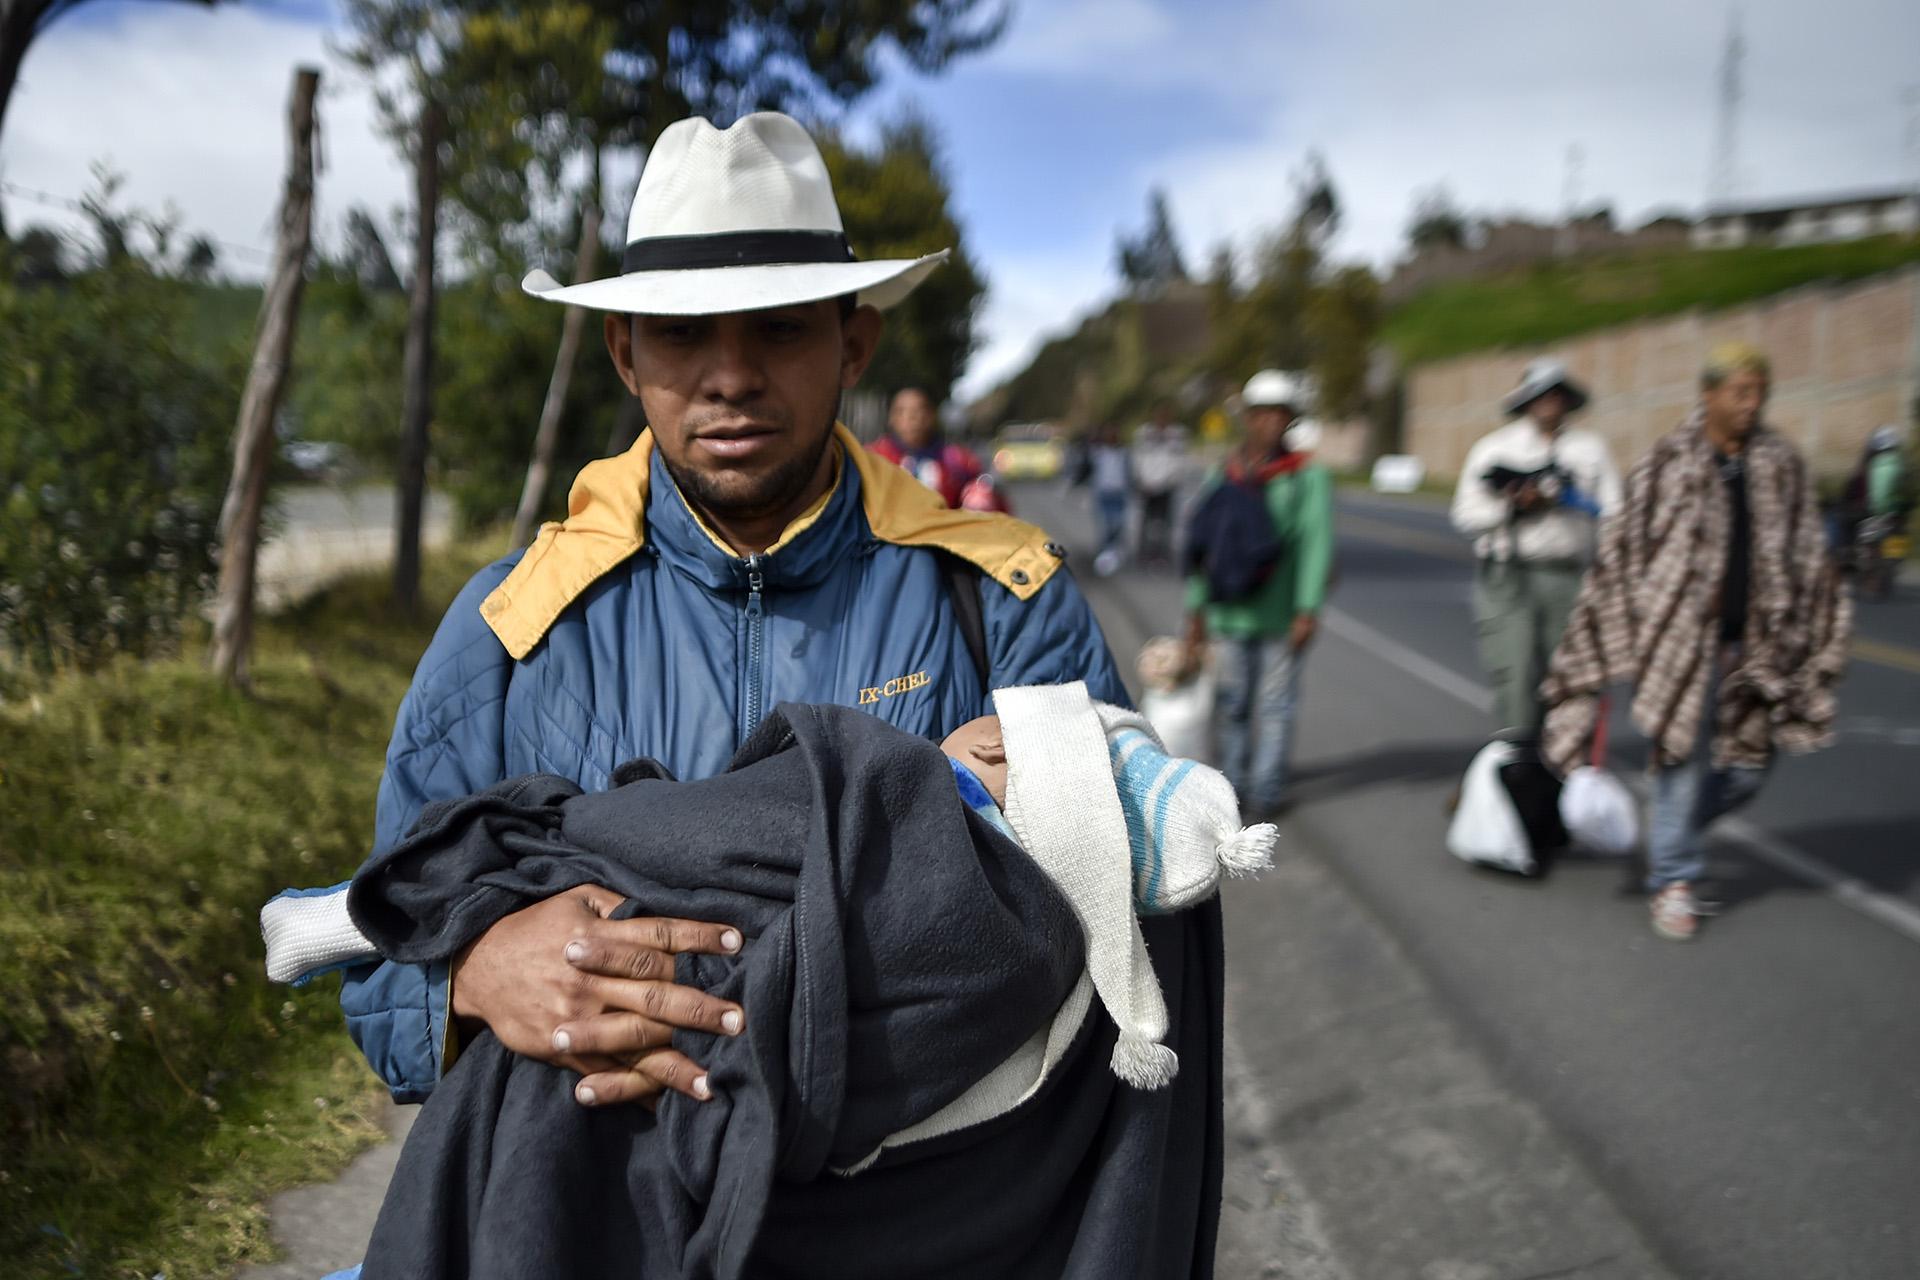 Richard Lomelly carga a su bebé Tiago mientras camina junto a otros cientos de venezolanos por la Autopista Panamericana en Colombia, rumbo a Perú, el 23 de agosto (Luis ROBAYO / AFP)